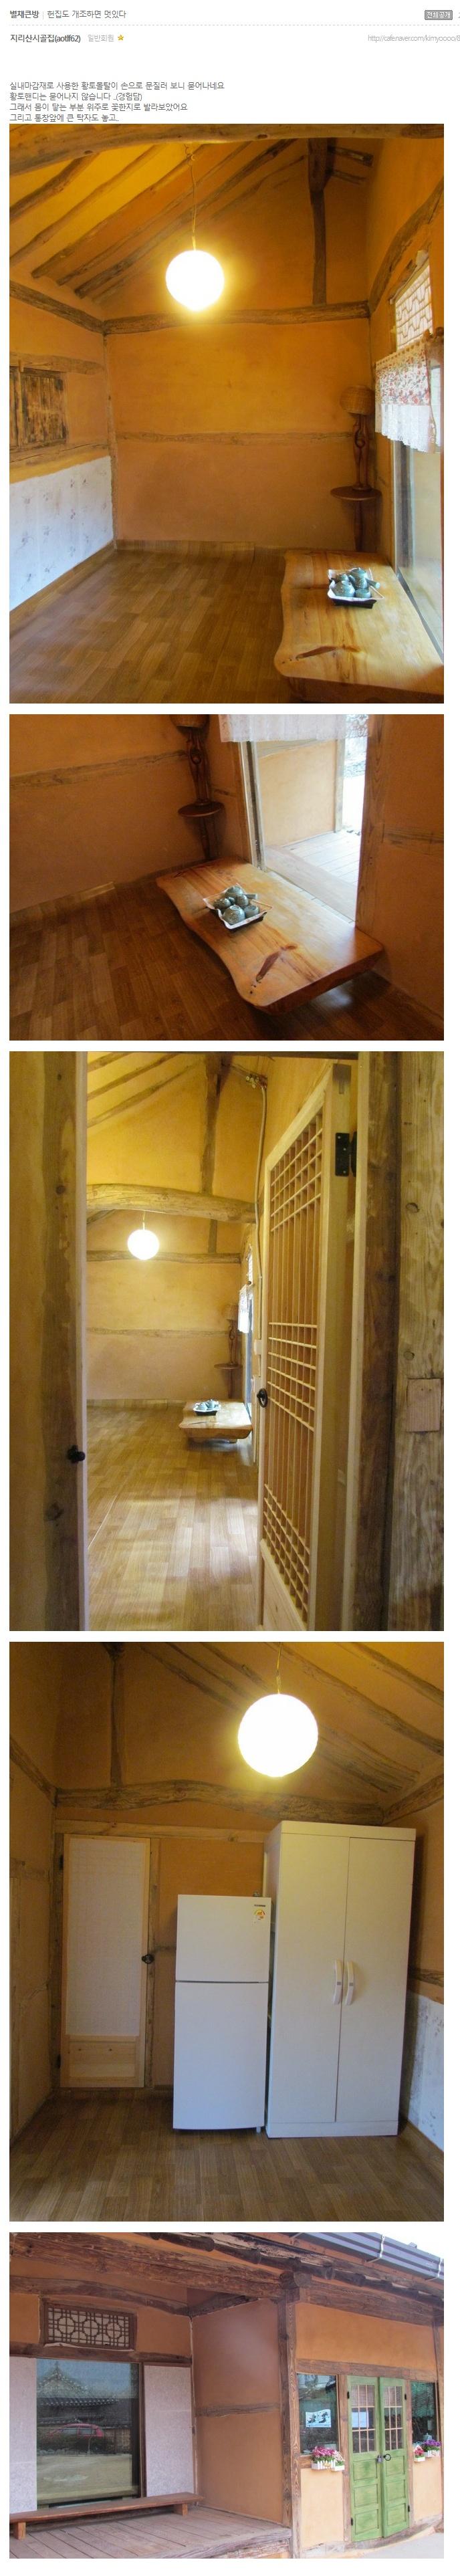 [헌집도 개조하면 멋있다] 별채 큰 방  [출처: http://cafe.naver.com/kimyoooo]